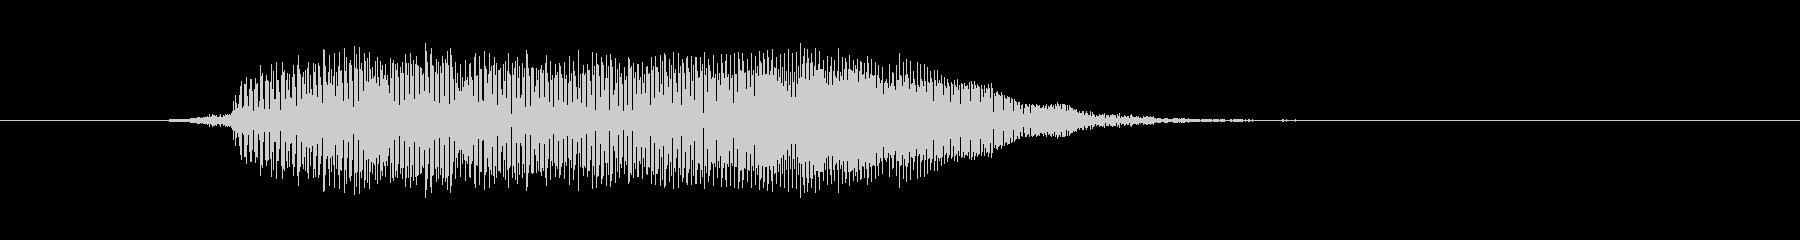 ええっ!の未再生の波形